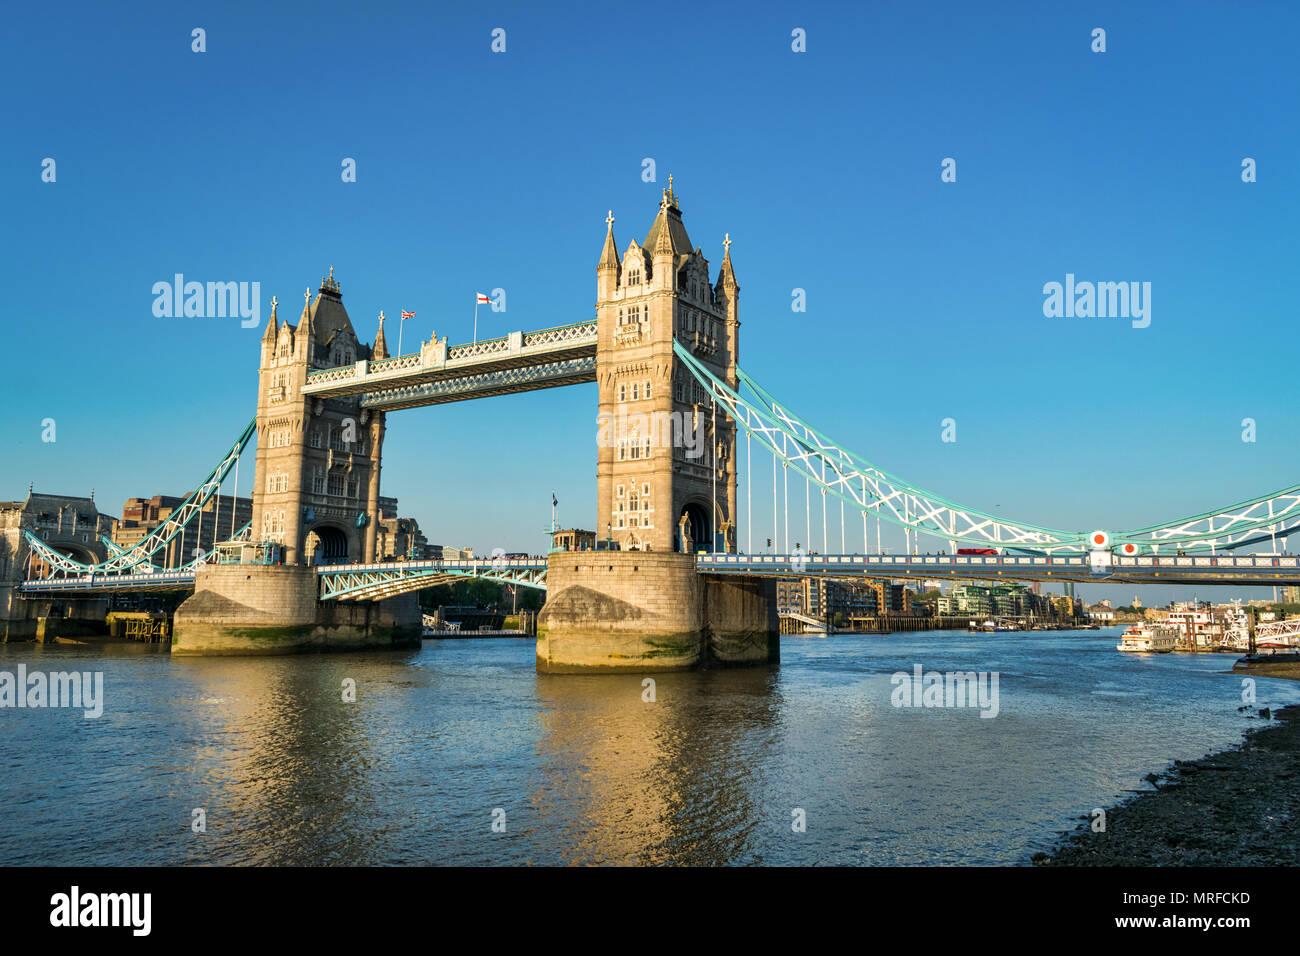 L'emblématique Tower Bridge à Londres enjambant la rivière Thames Photo Stock